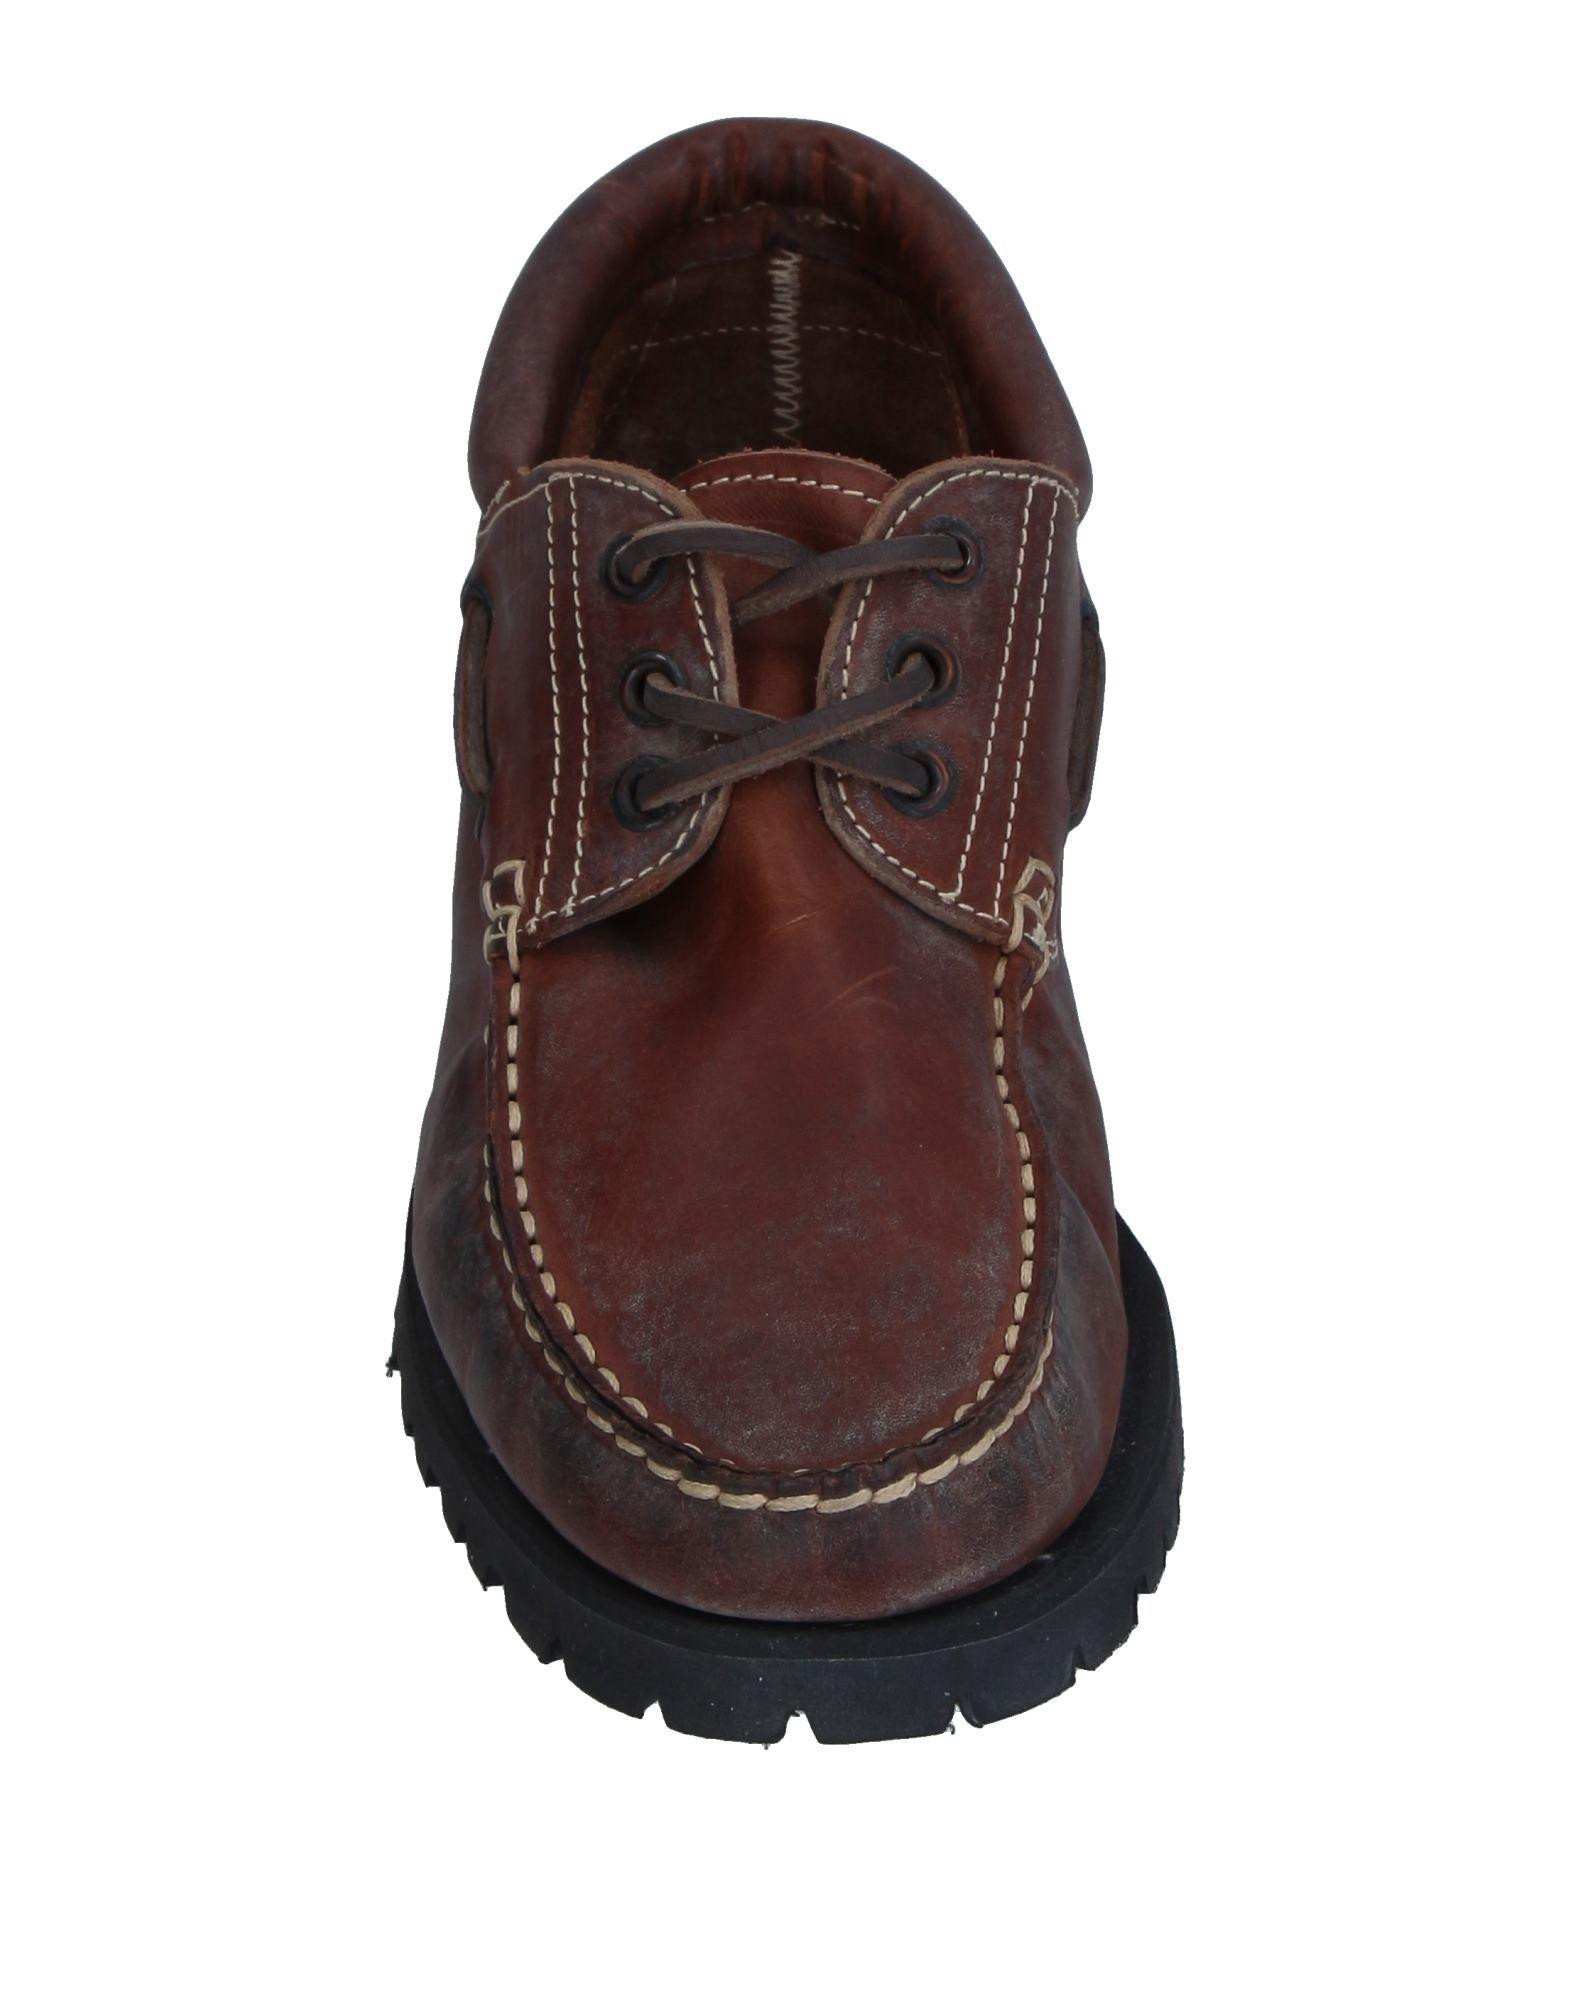 CHAUSSURES - Chaussures à lacetsGiorgio Brato ndO5OVF